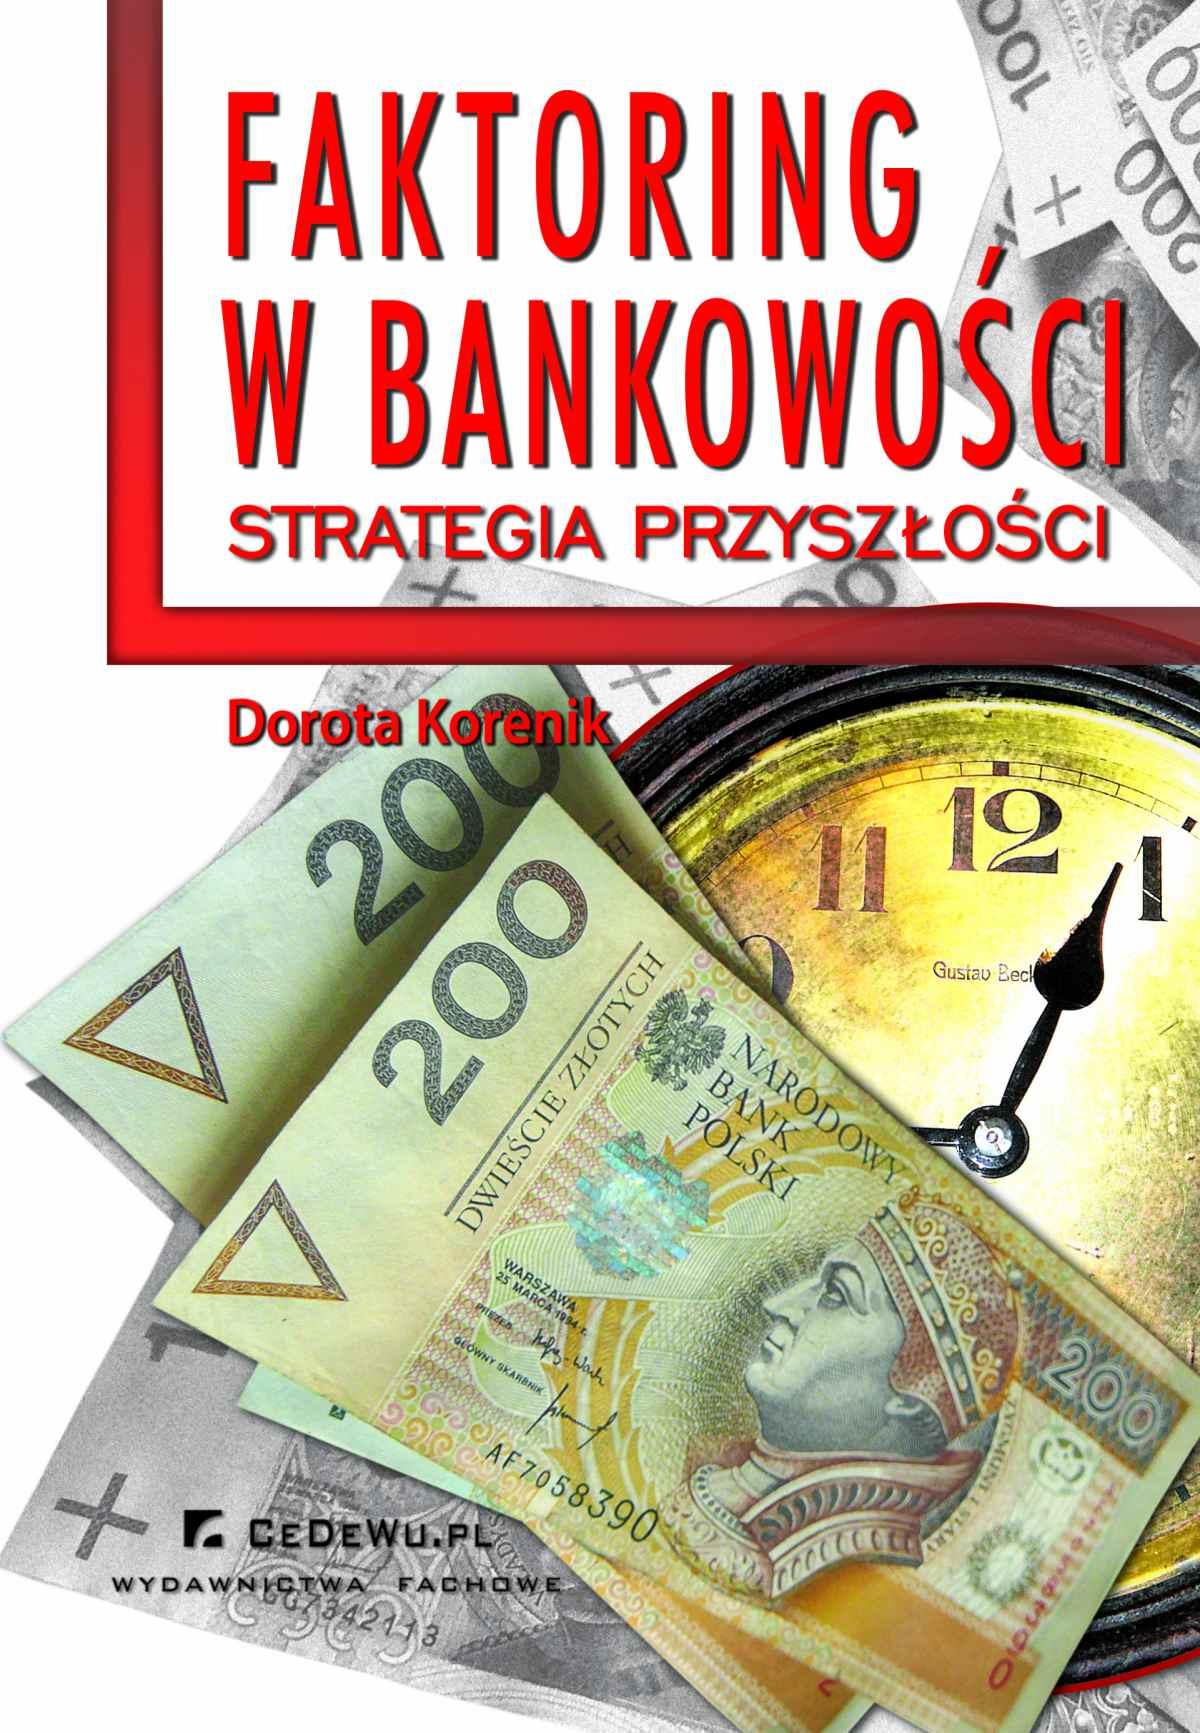 Faktoring w bankowości - strategia przyszłości - Ebook (Książka PDF) do pobrania w formacie PDF